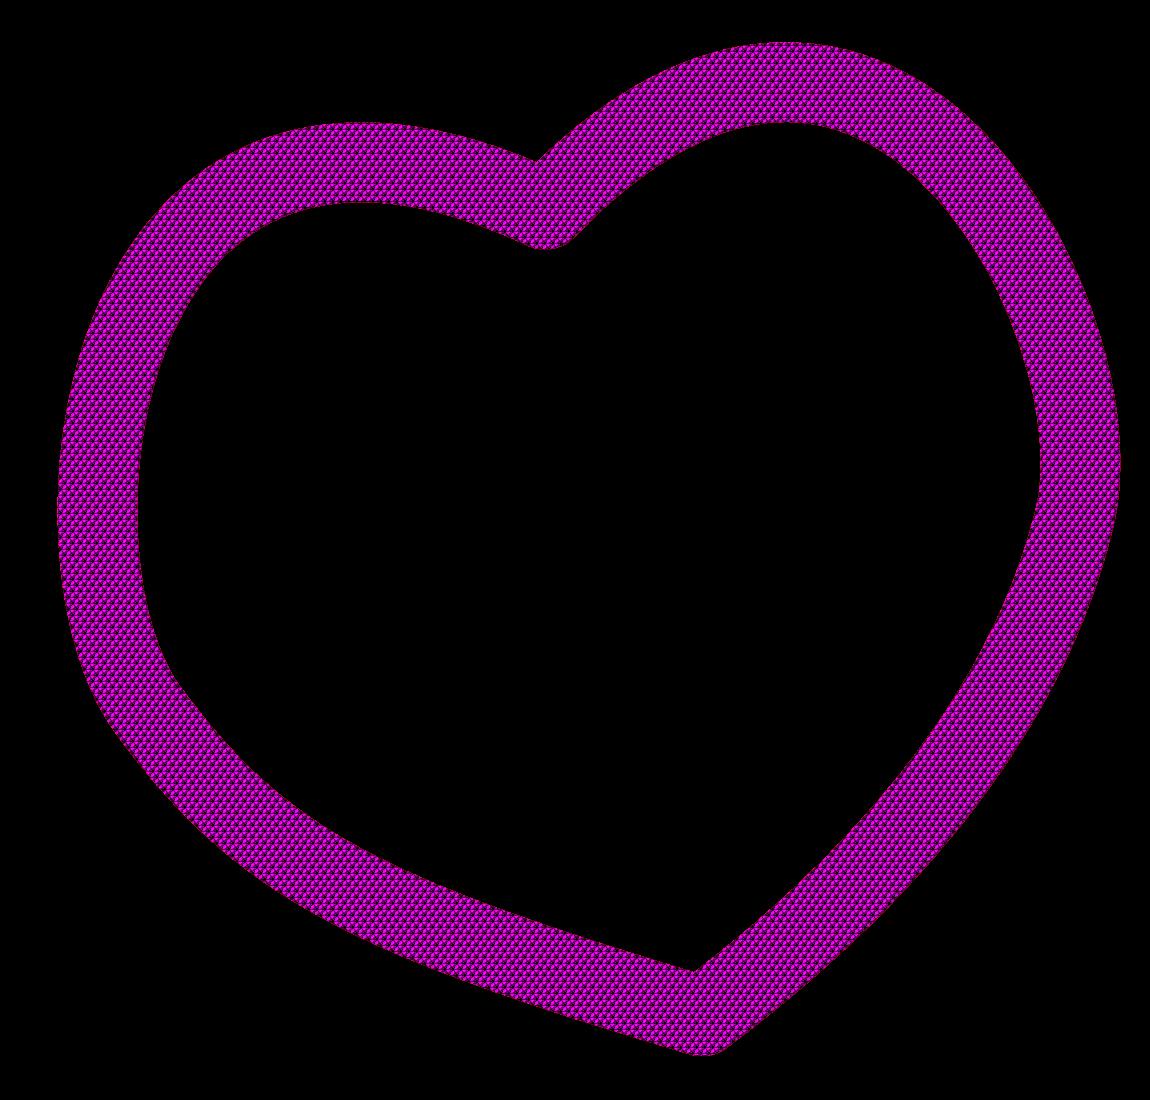 Purple heart clip art free clipart images 3